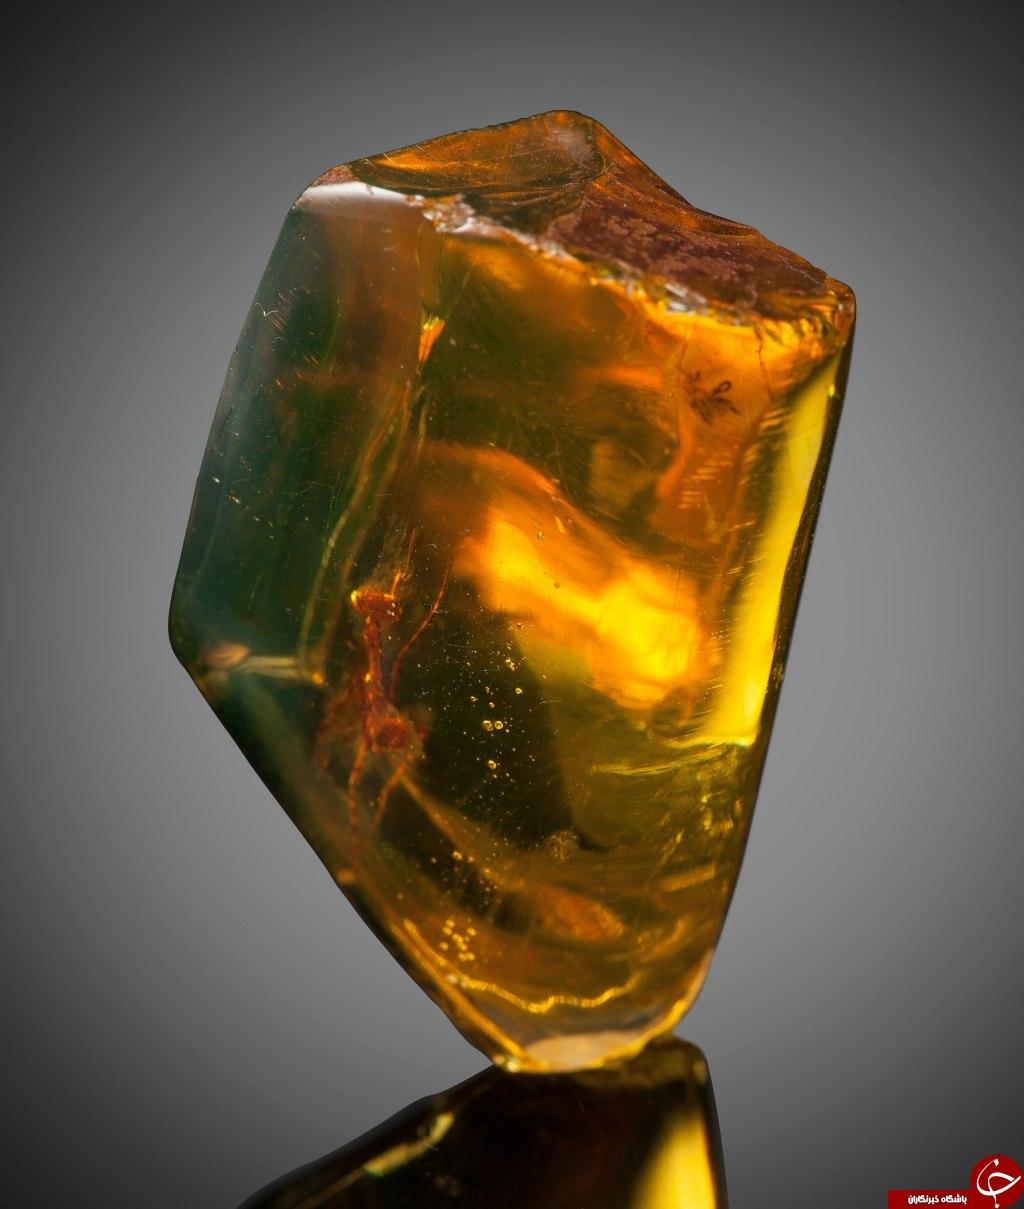 اسارت 12 میلیون سالی در کهربا+تصاویر